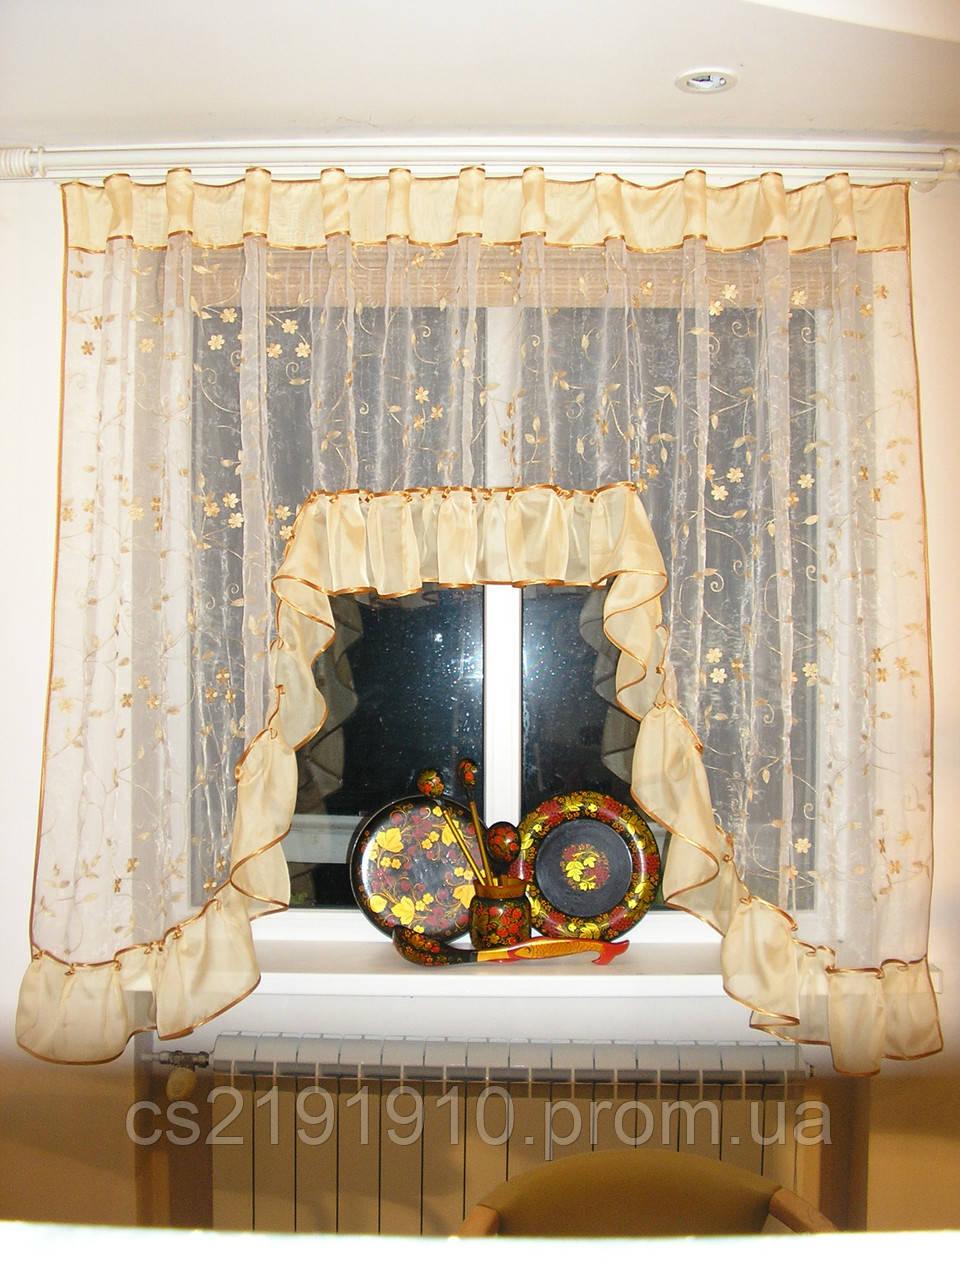 Тюль арка для кухни Аркадия, фото 1